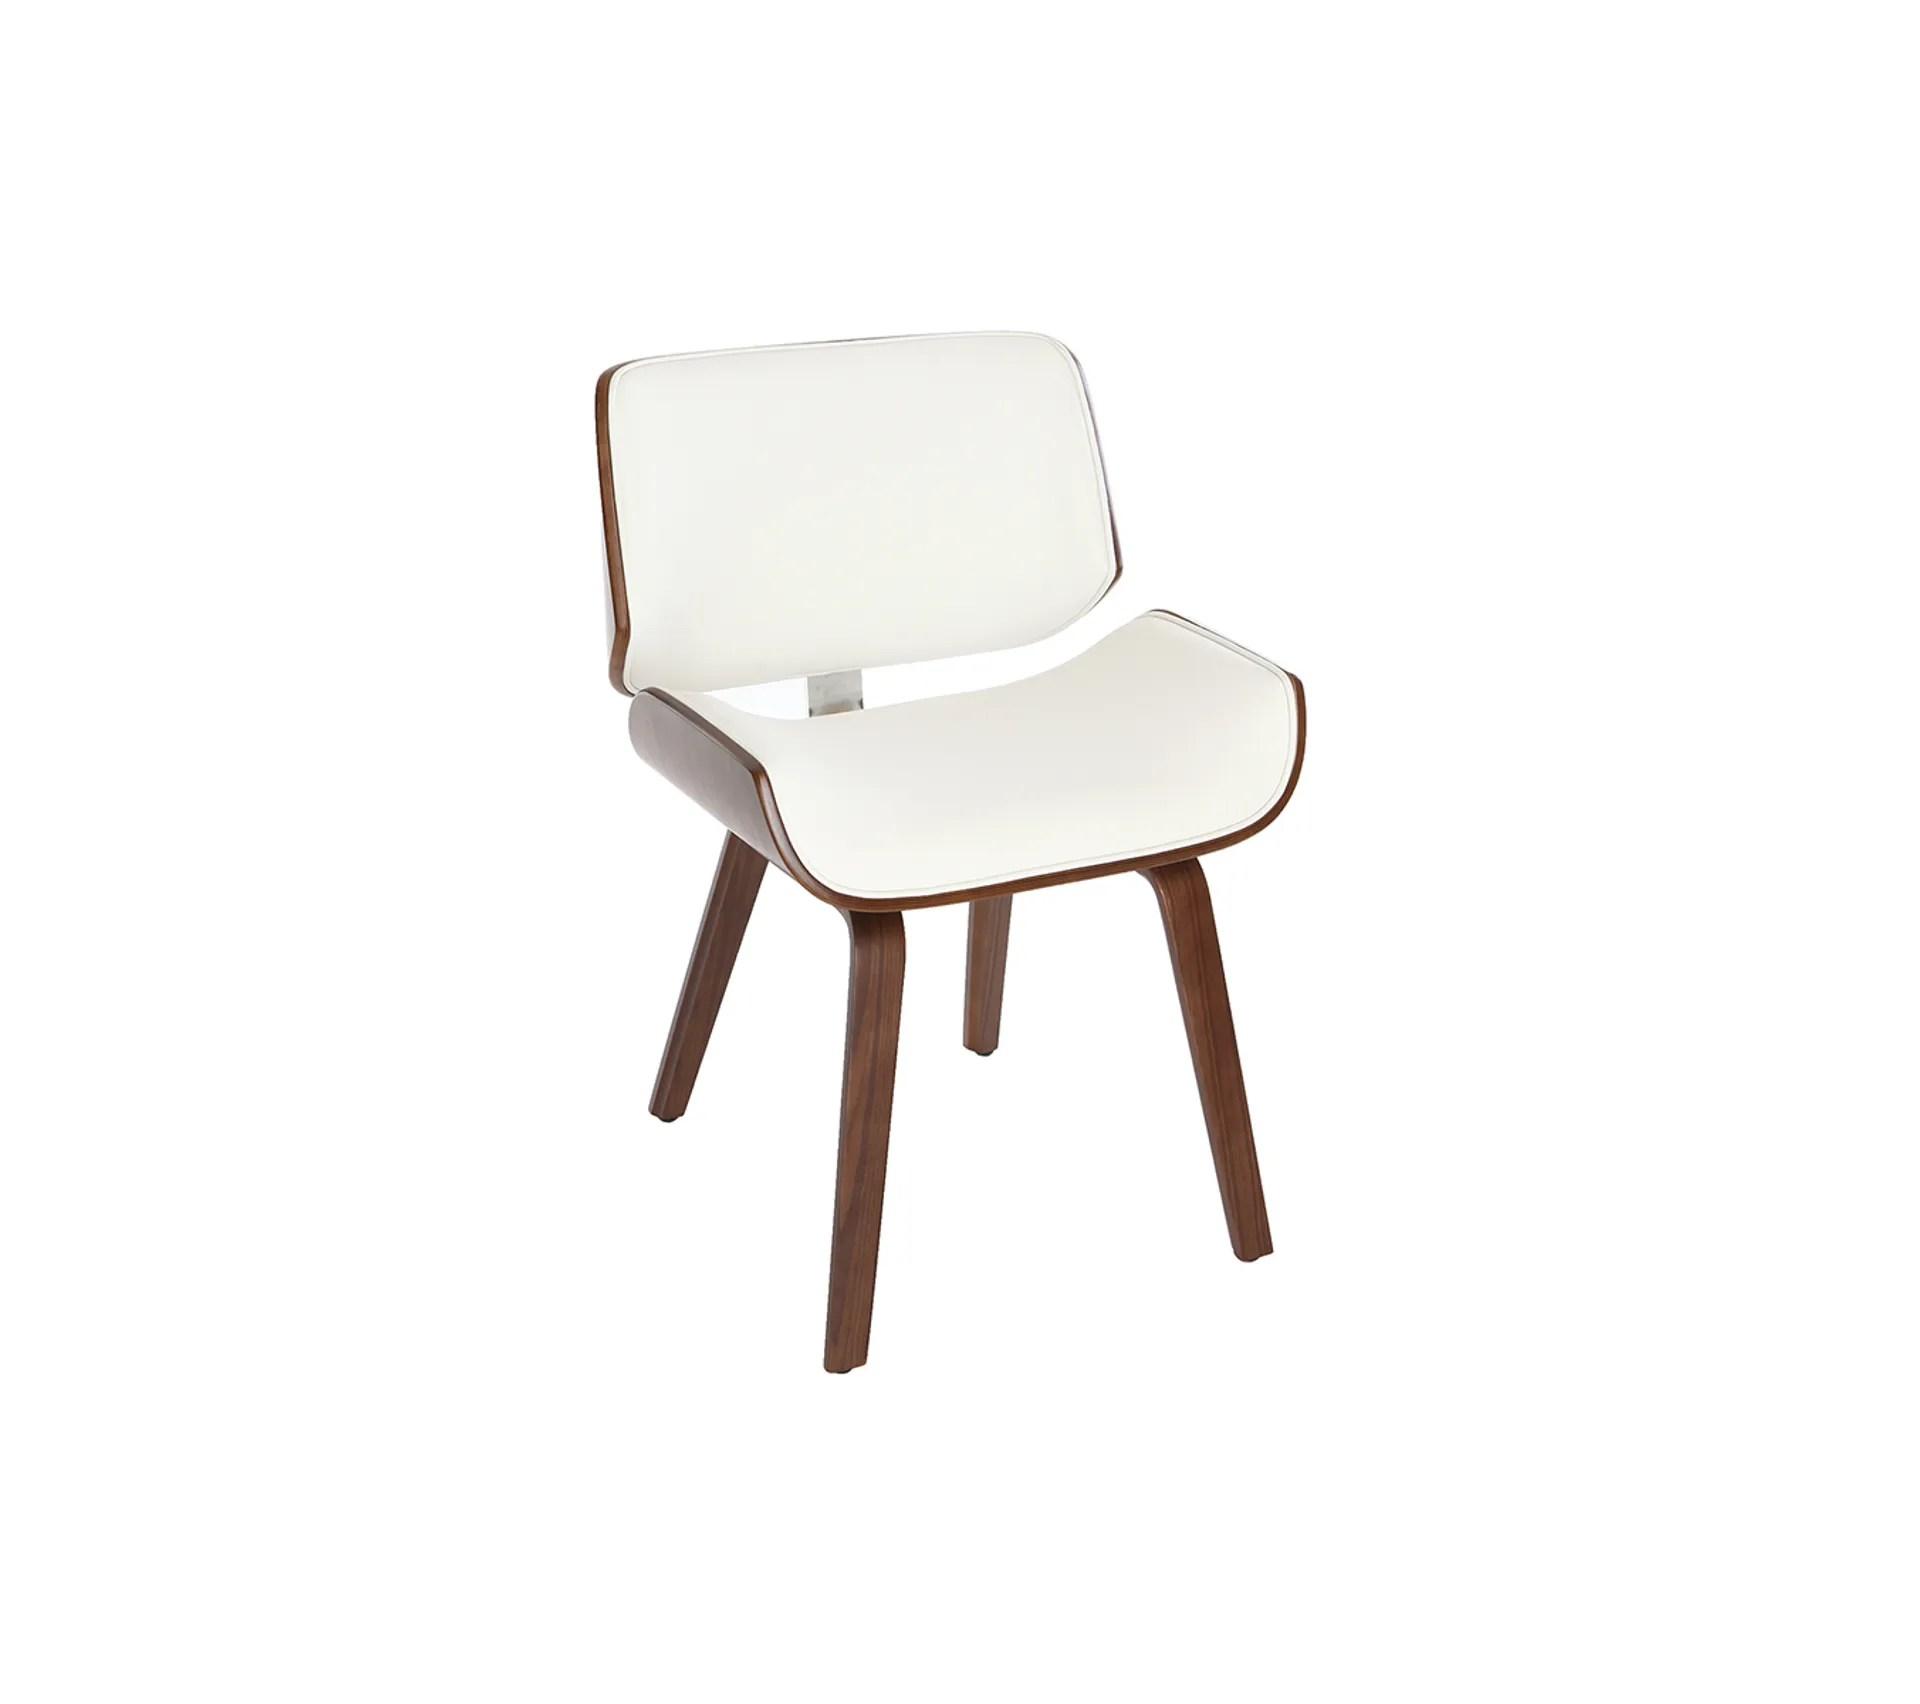 chaise design blanc et bois fonce noyer rubbens